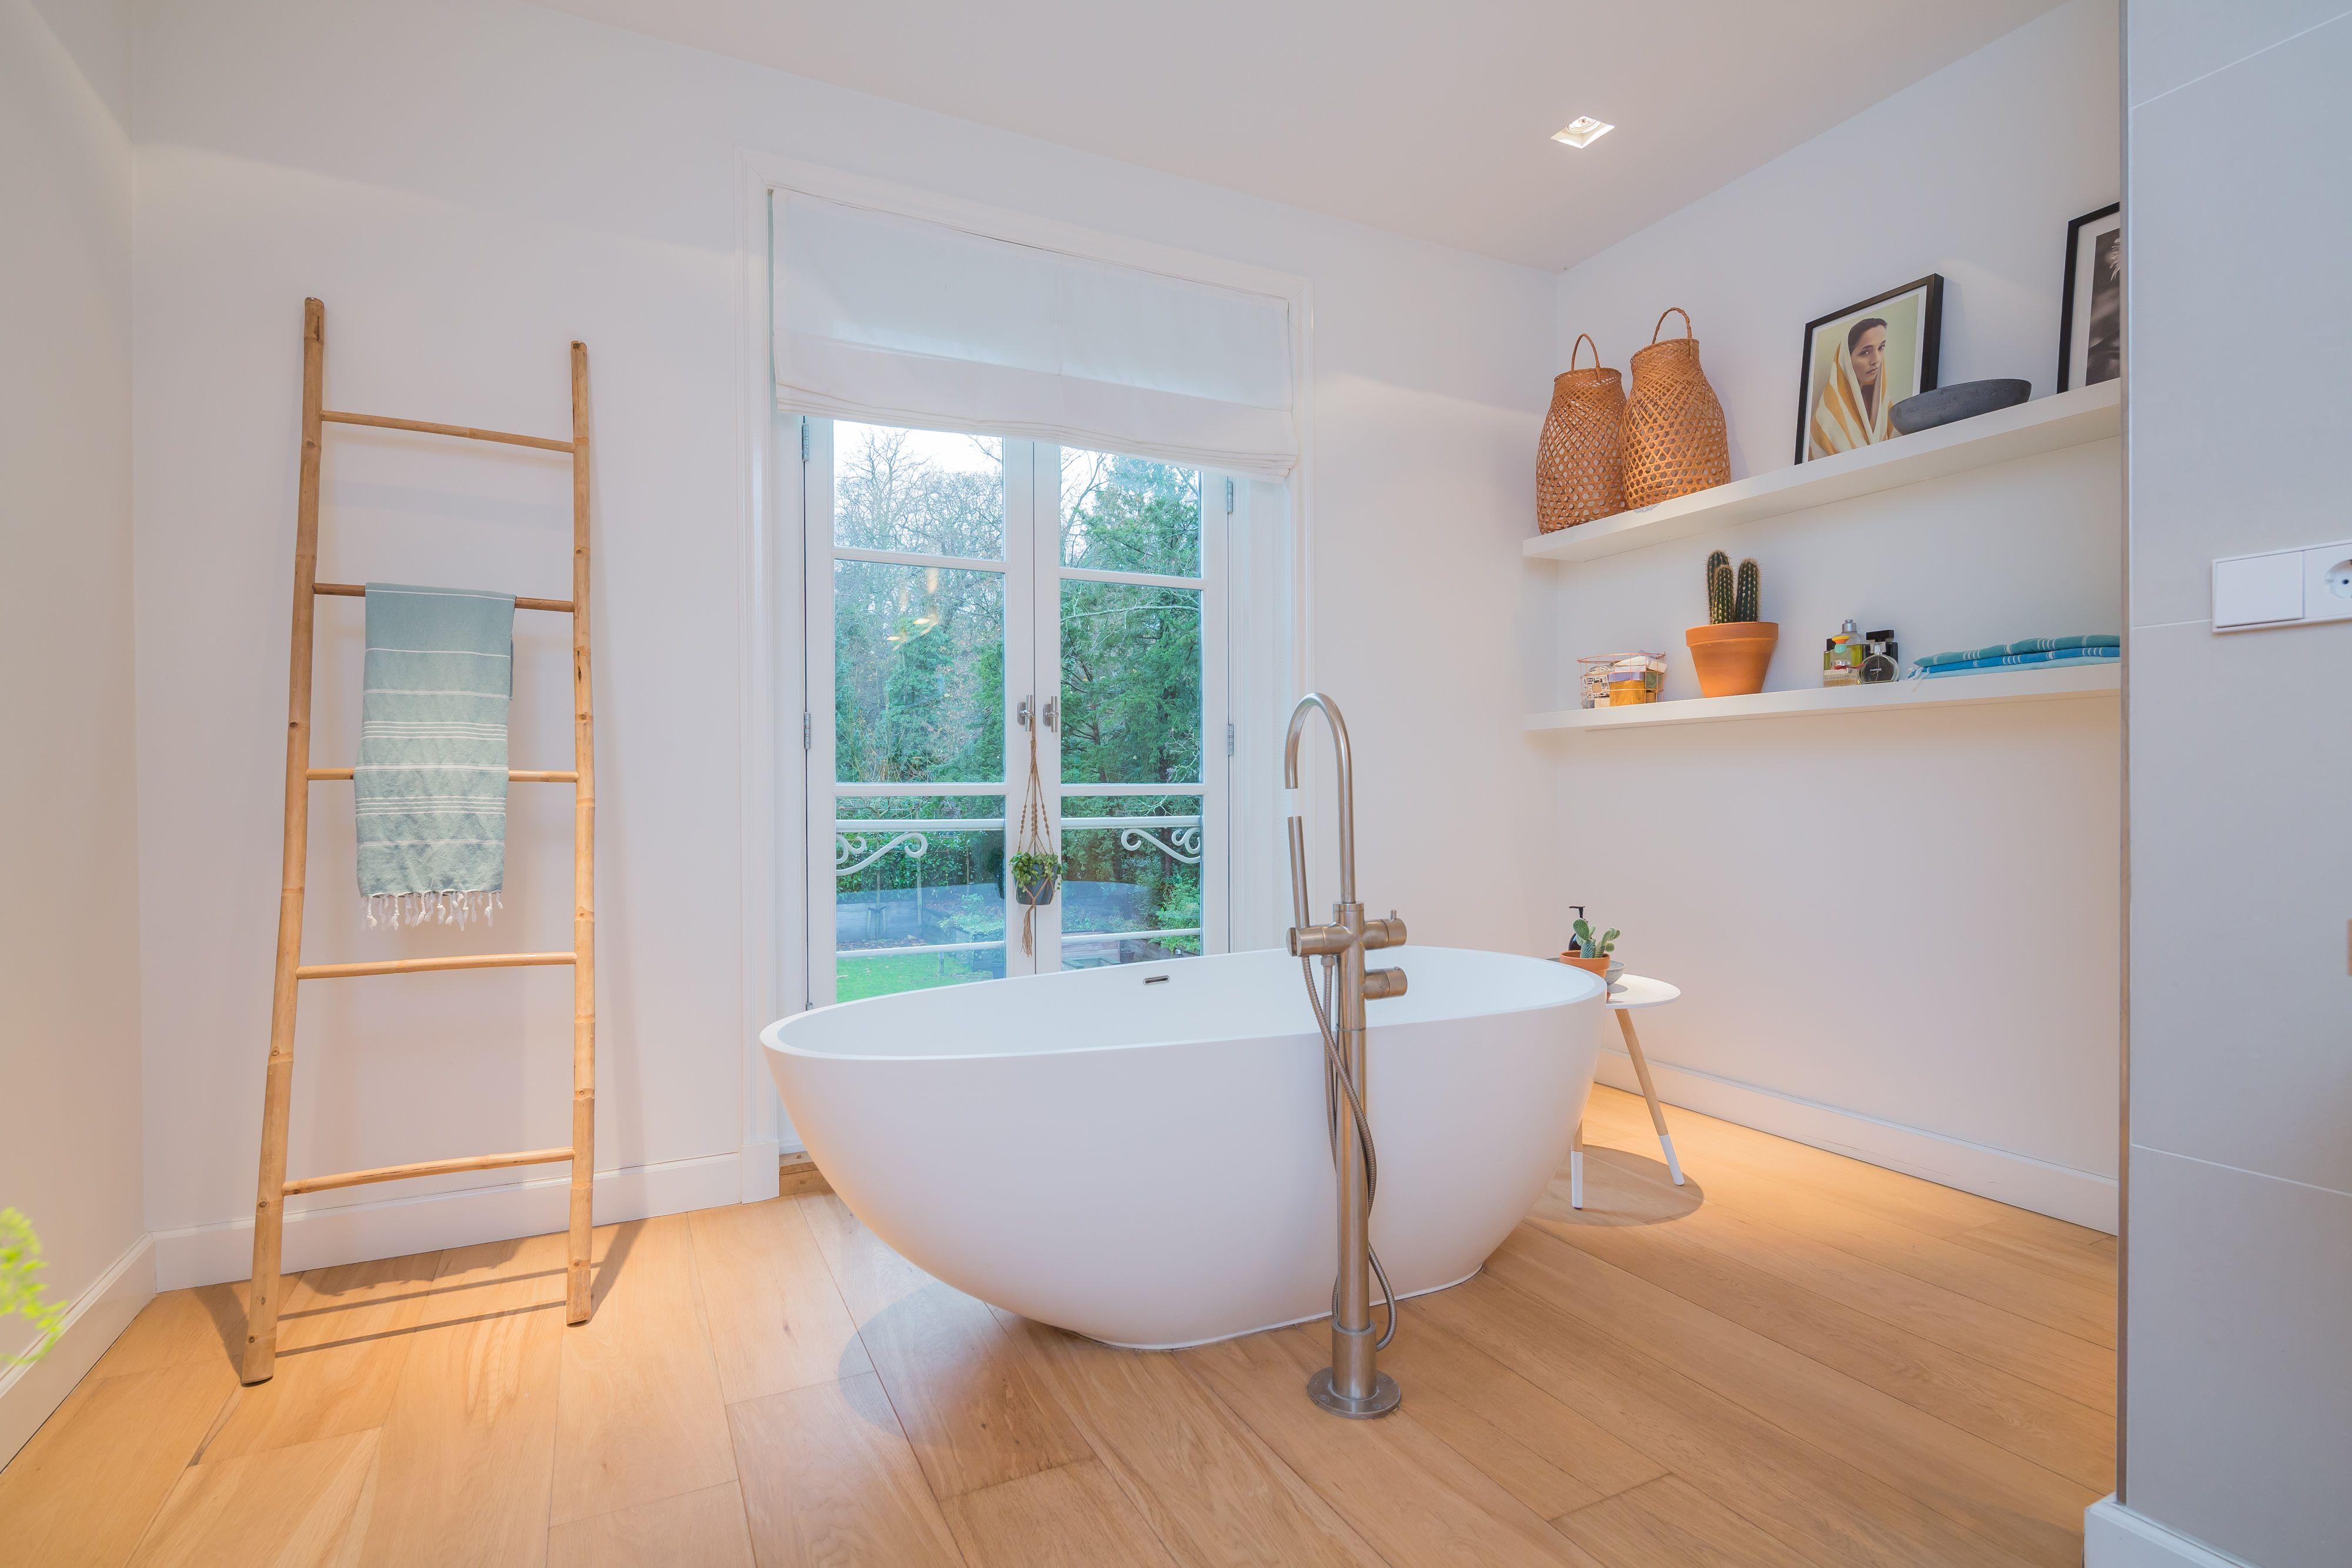 Dorm rooms at harvard pin by collo architecten on villa rw bloemendaal  pinterest  villas